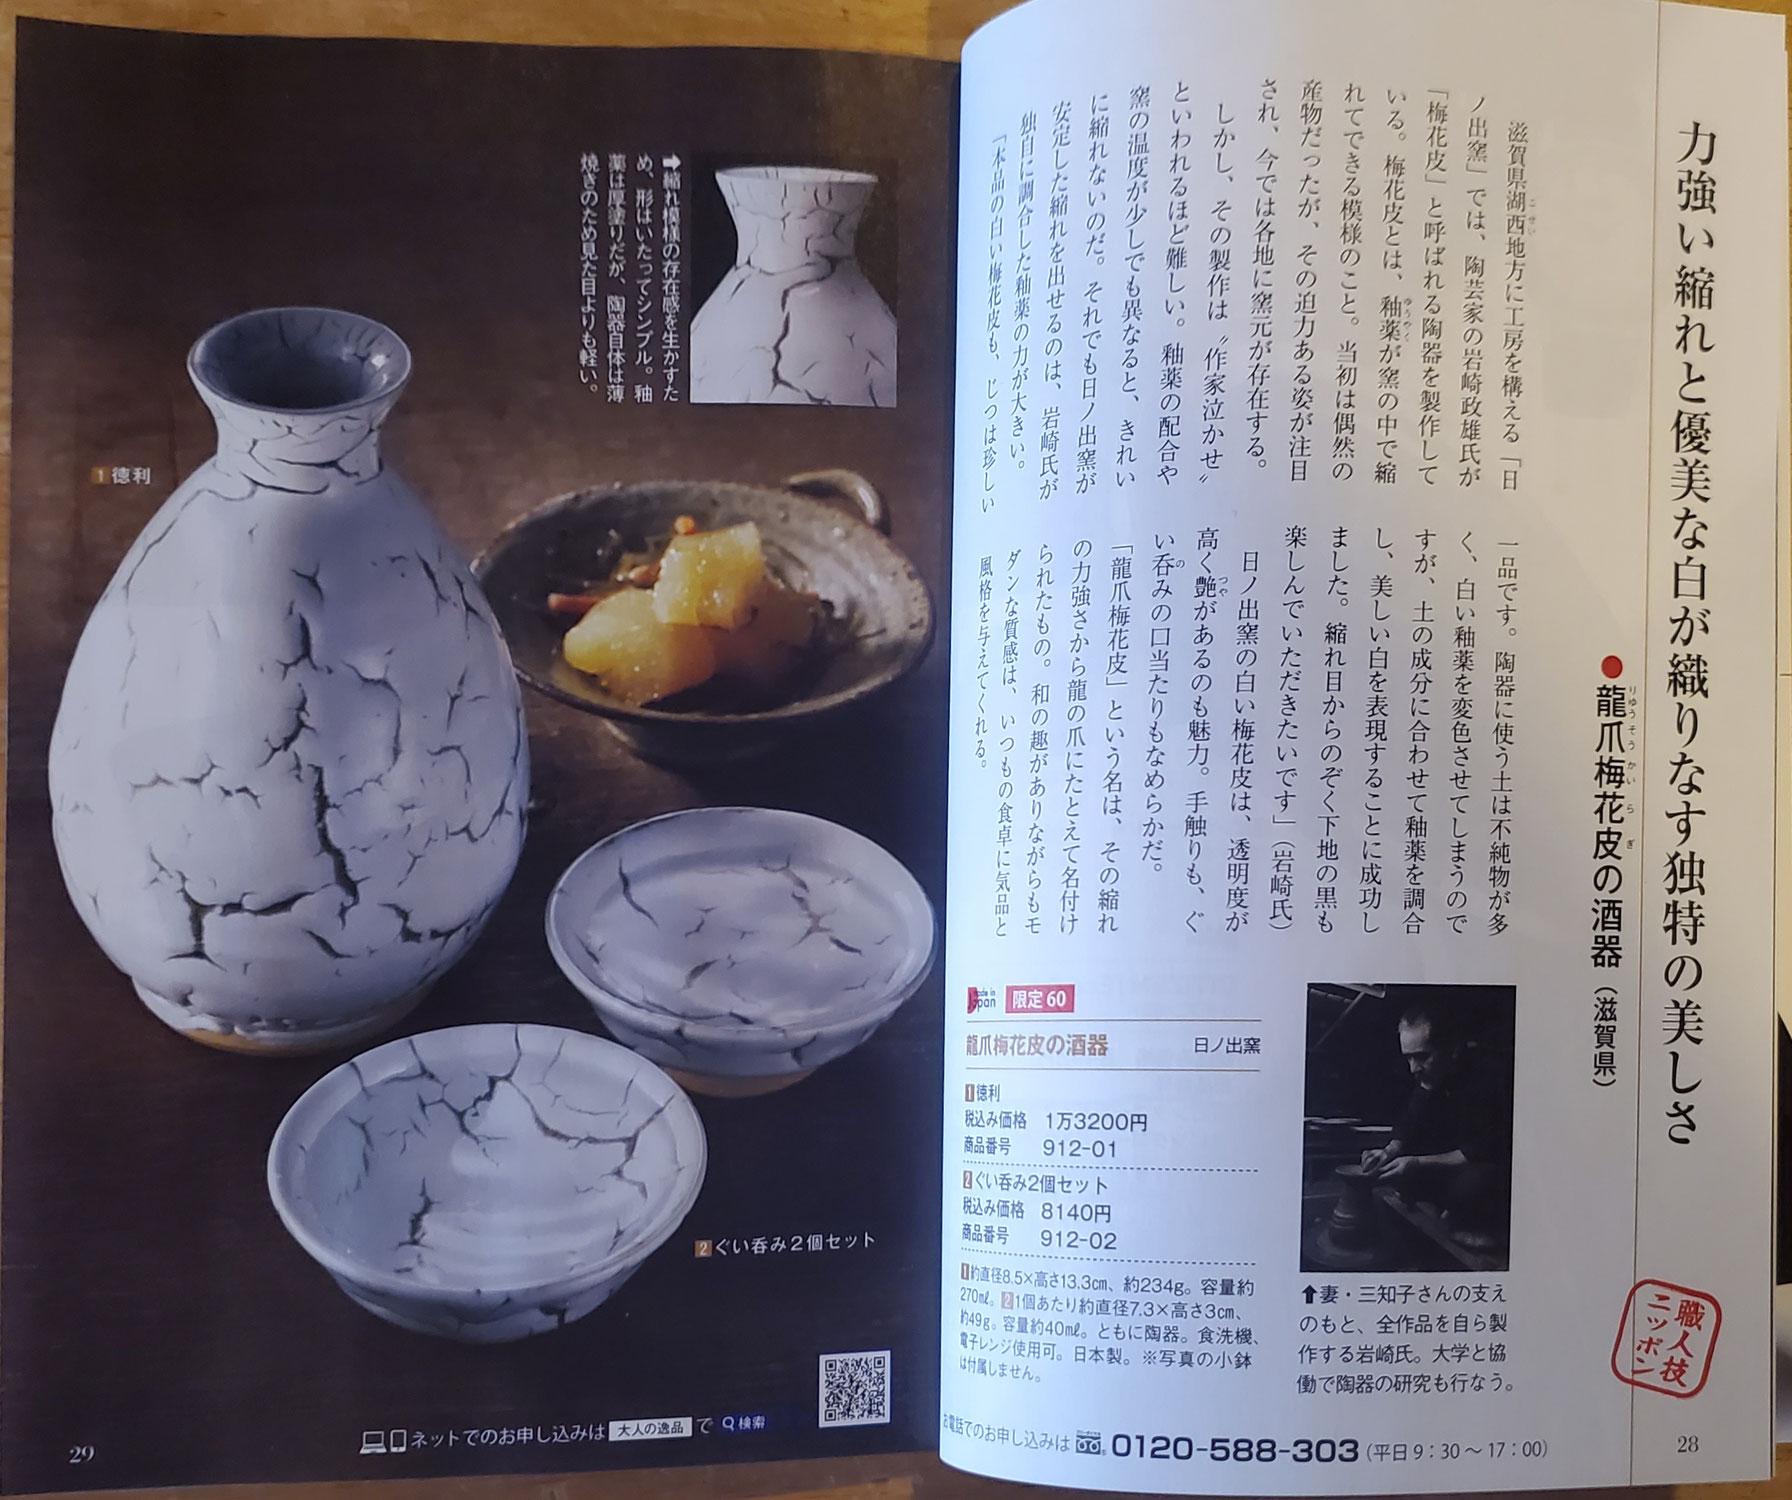 龍爪梅花皮の器が雑誌「サライ」に掲載